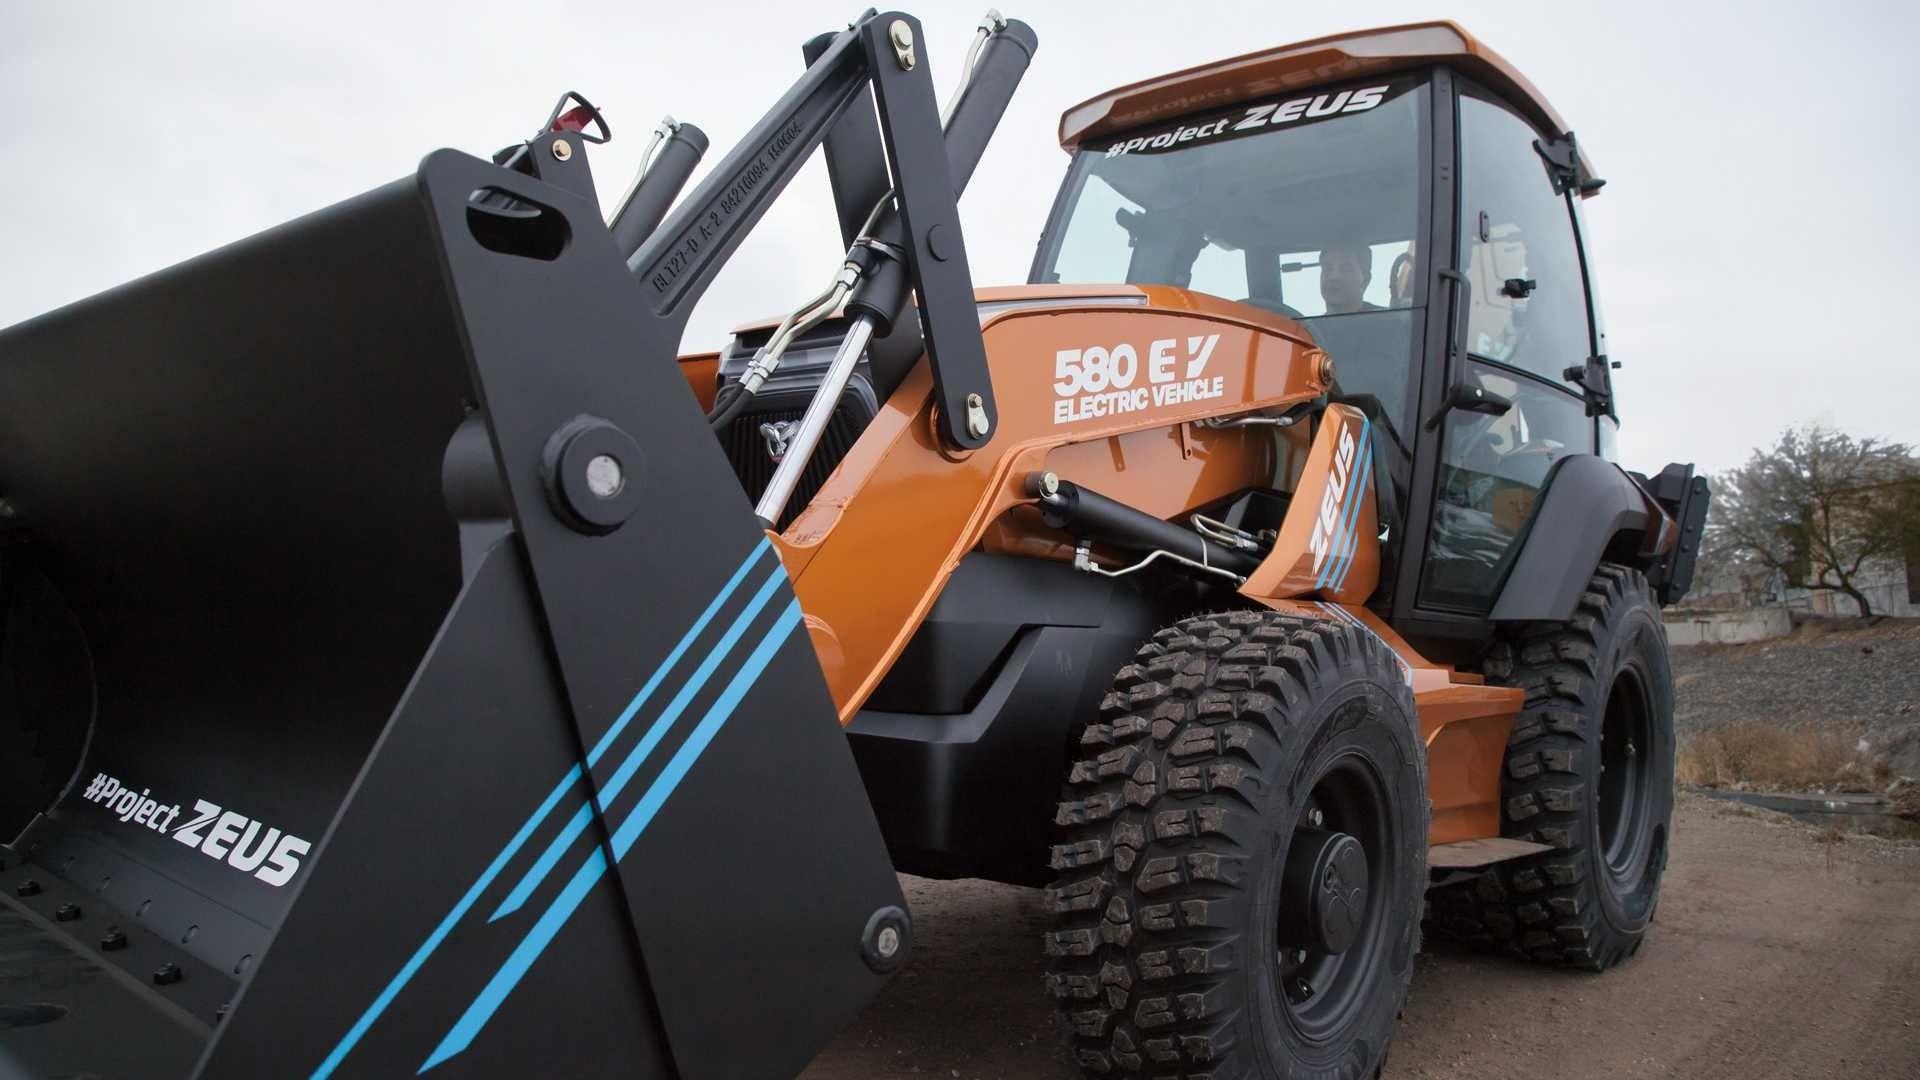 Case 580 EV Fully Electric Backhoe in 2020 Backhoe